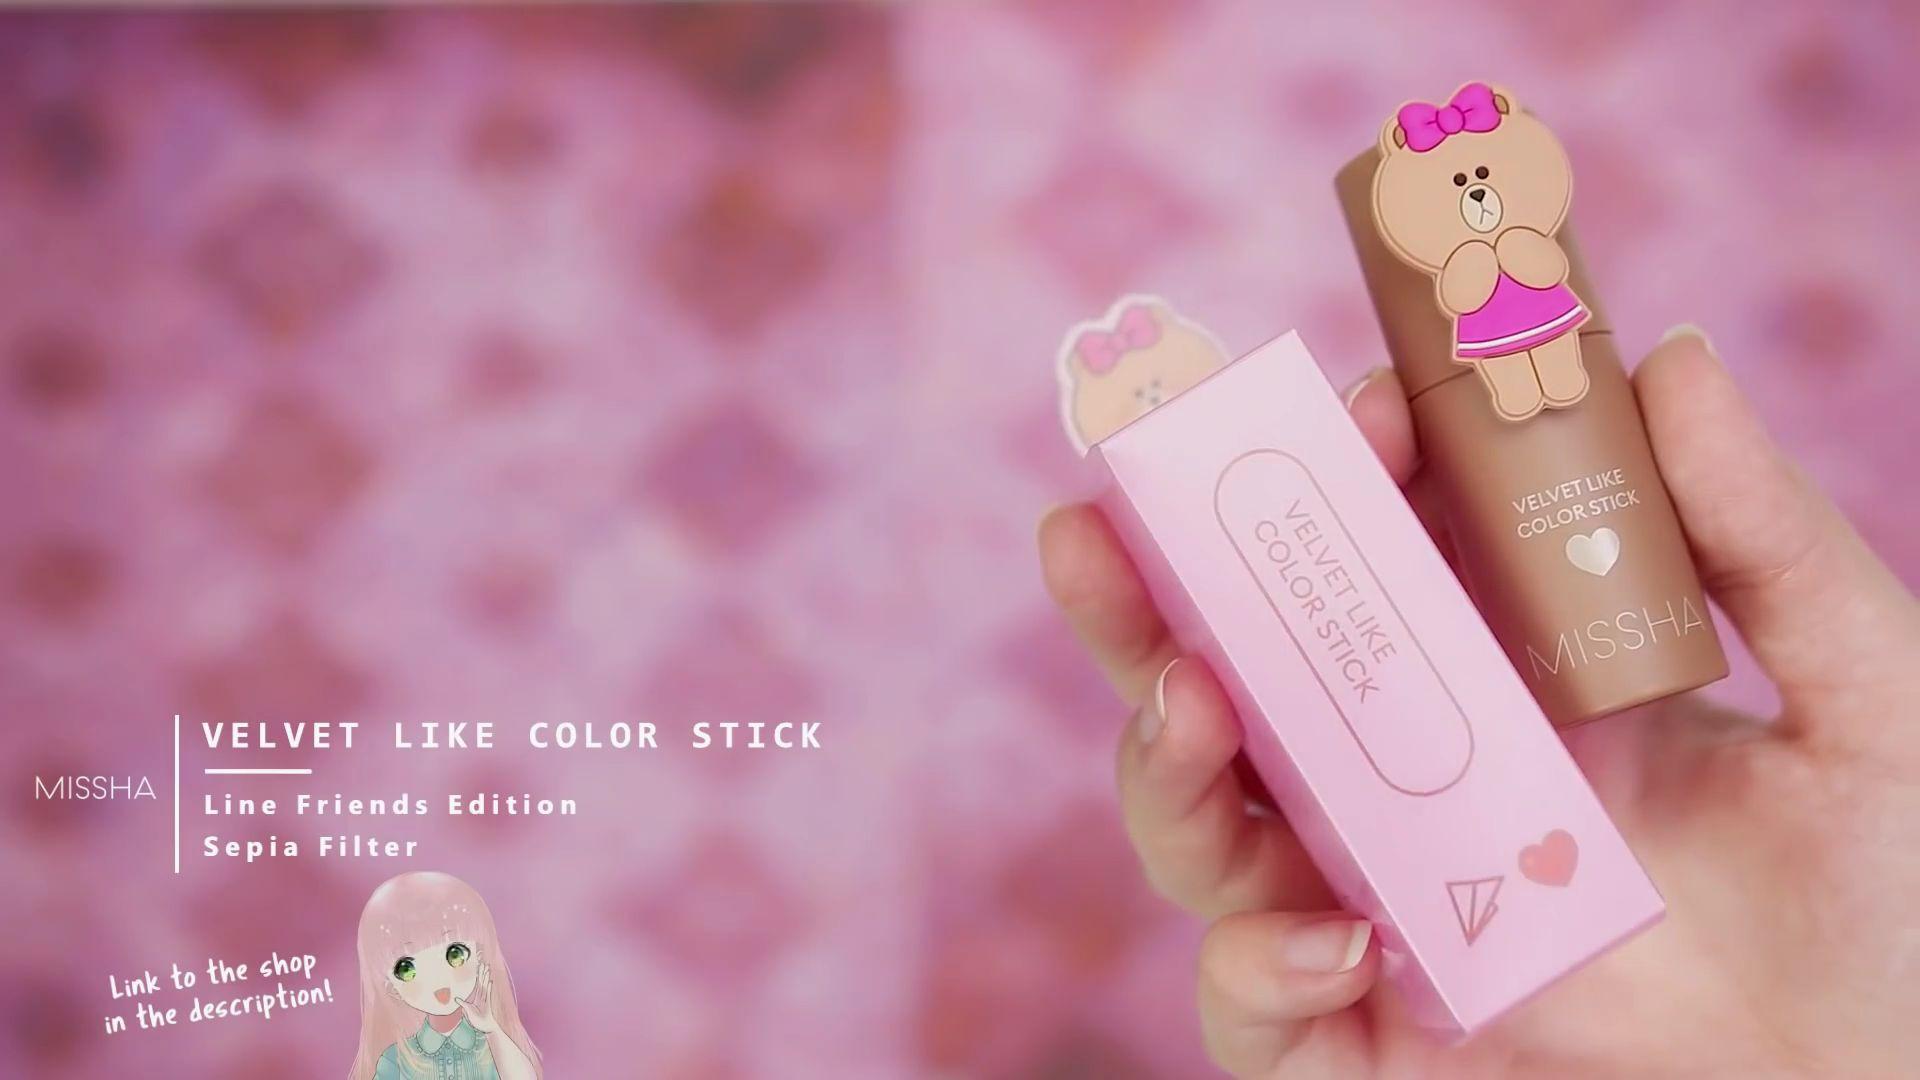 Misa Amane Cosplay DIY en 9 pasos: Velvet Like Color Stick line Friends edition de color sepia filter de la marca Missha.